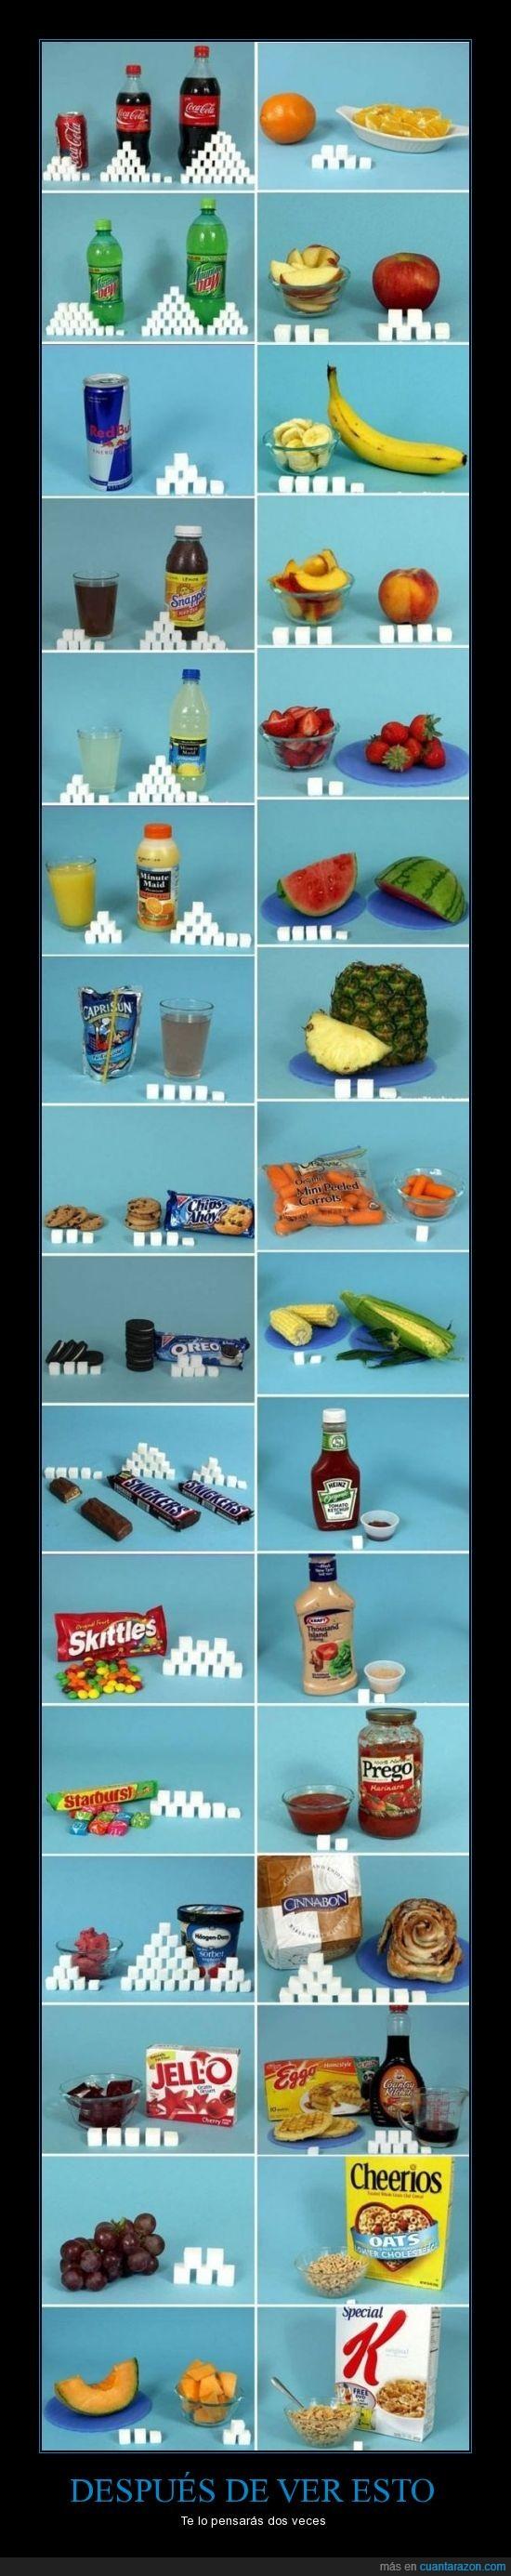 azucar,cantidad,cereales,cocacola,gelatina,helado,melon,terron,uva